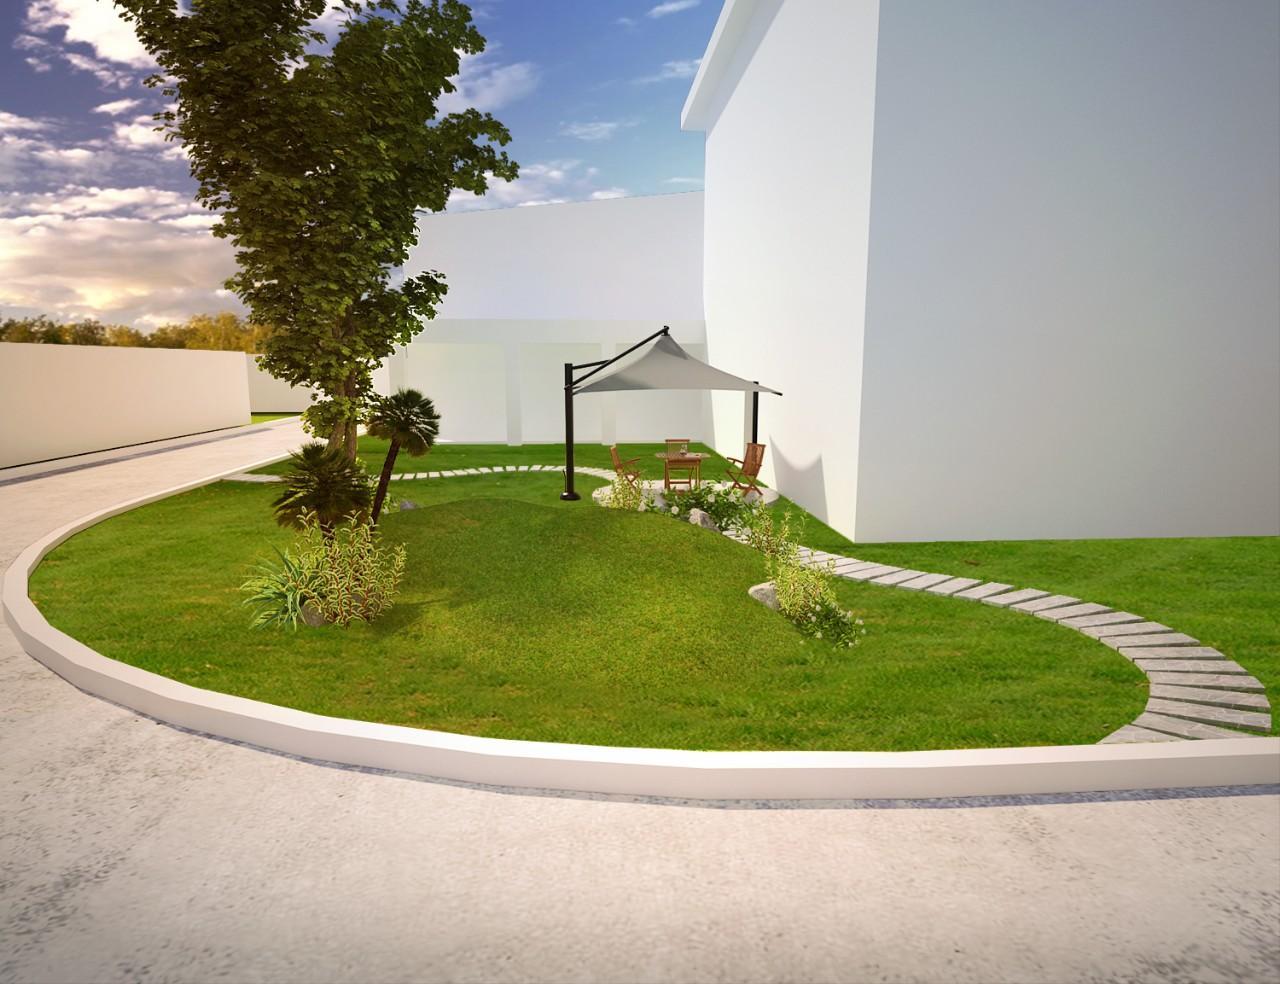 Dịch vụ trồng cỏ xanh KCN Tân Hương